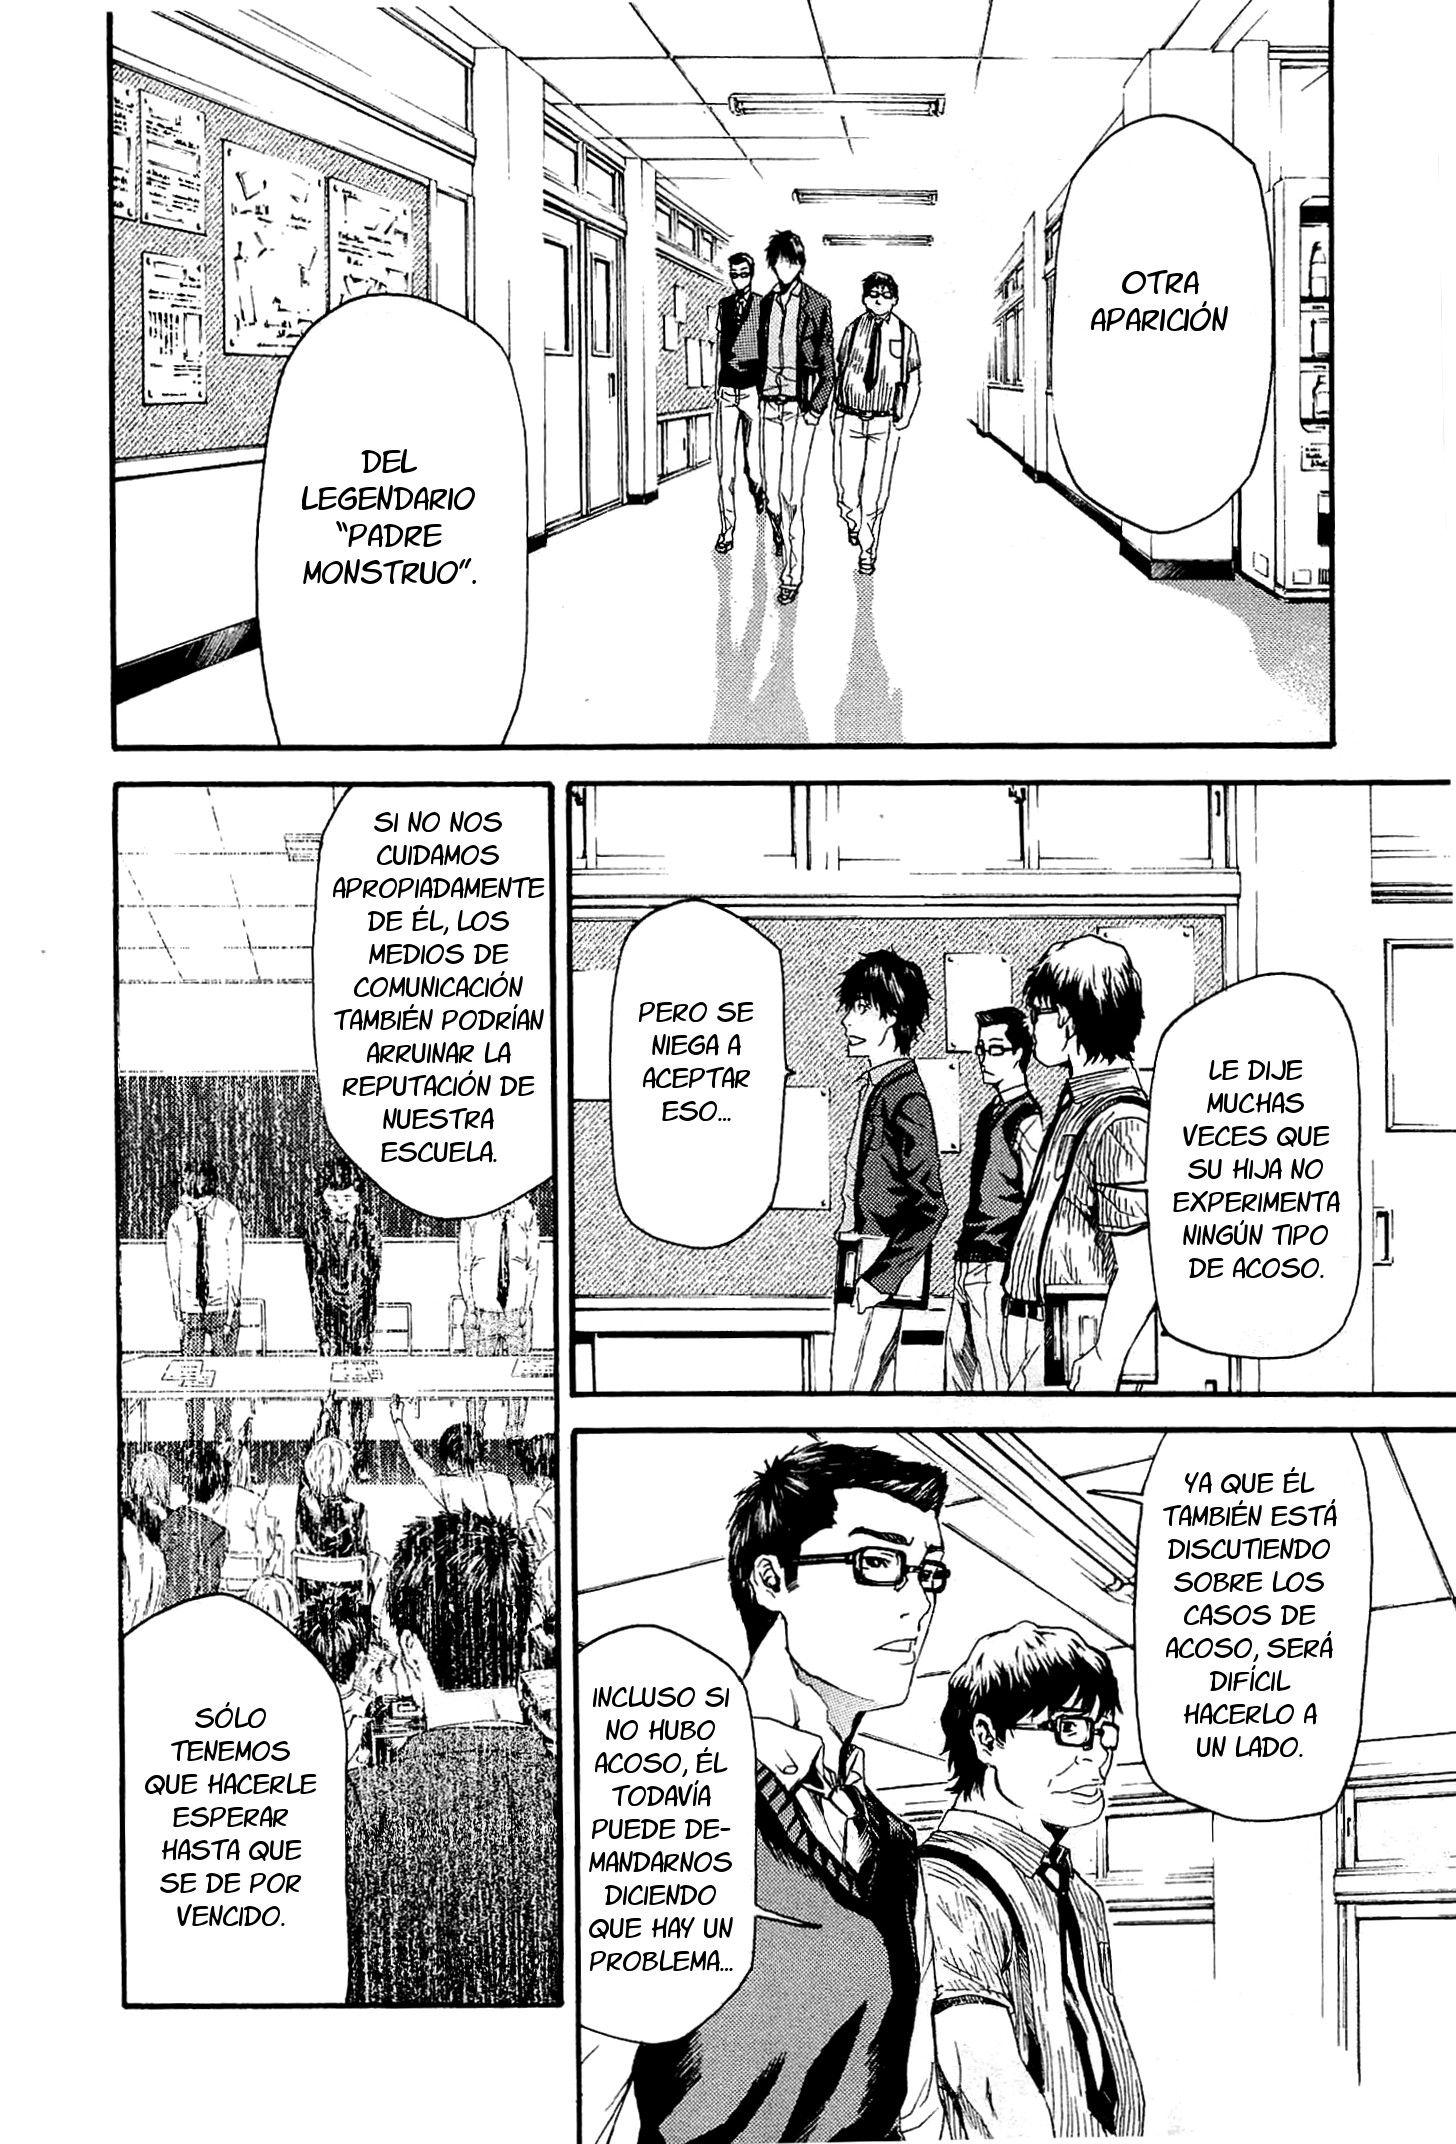 http://c5.ninemanga.com/es_manga/pic2/3/19523/518613/2052ab5ff64a966b7b2cb1dd04c3cd3e.jpg Page 9